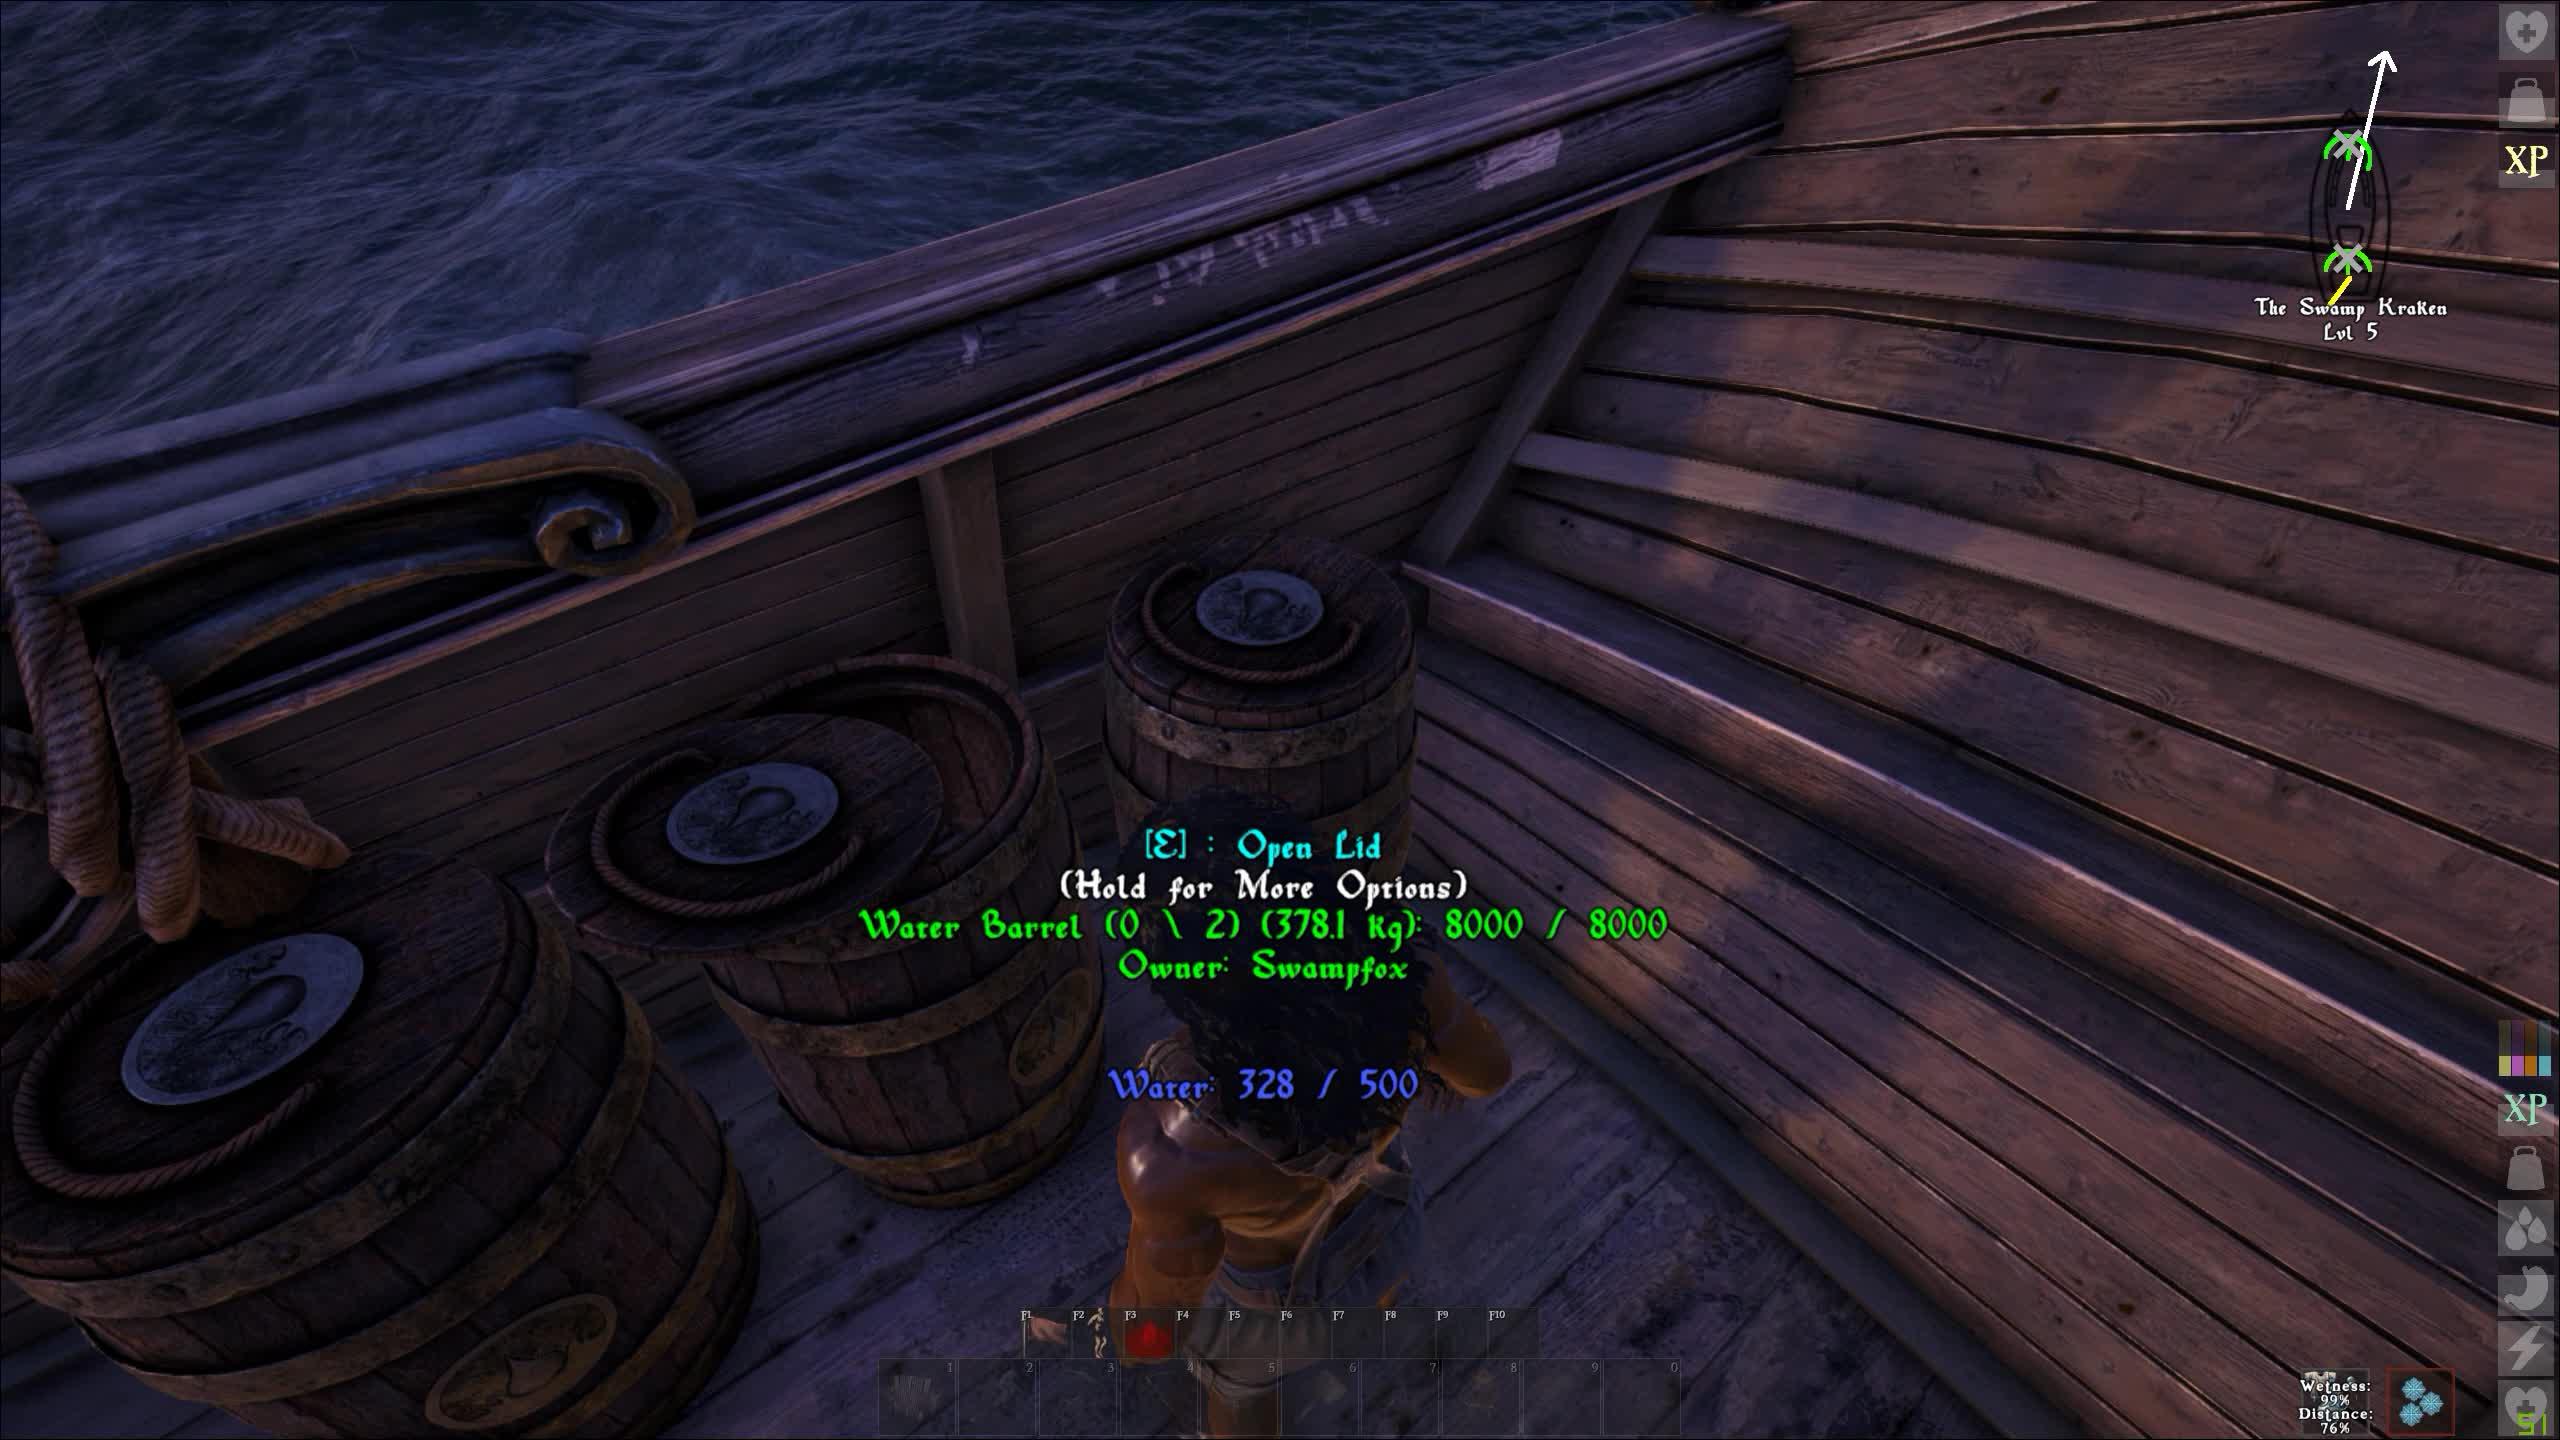 Advanture, Atlas, Death, LOL, Online, Sea, Ship, We're Going In GIFs